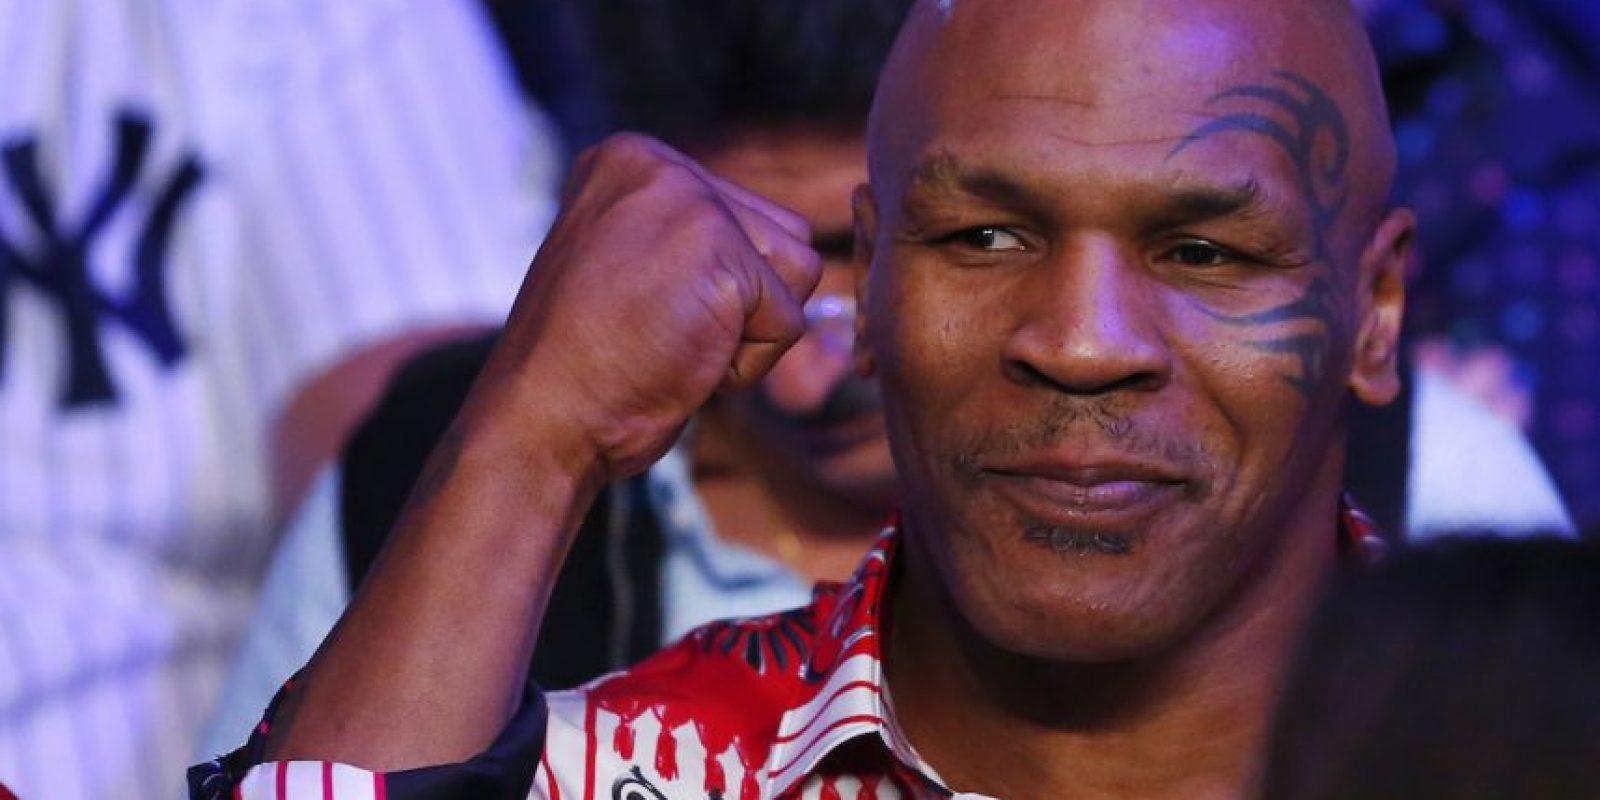 Tras declararse en bancarrota en 2003, Tyson lleva un estilo de vida más modesto, pero mantiene su polémica personalidad. Foto:Getty Images